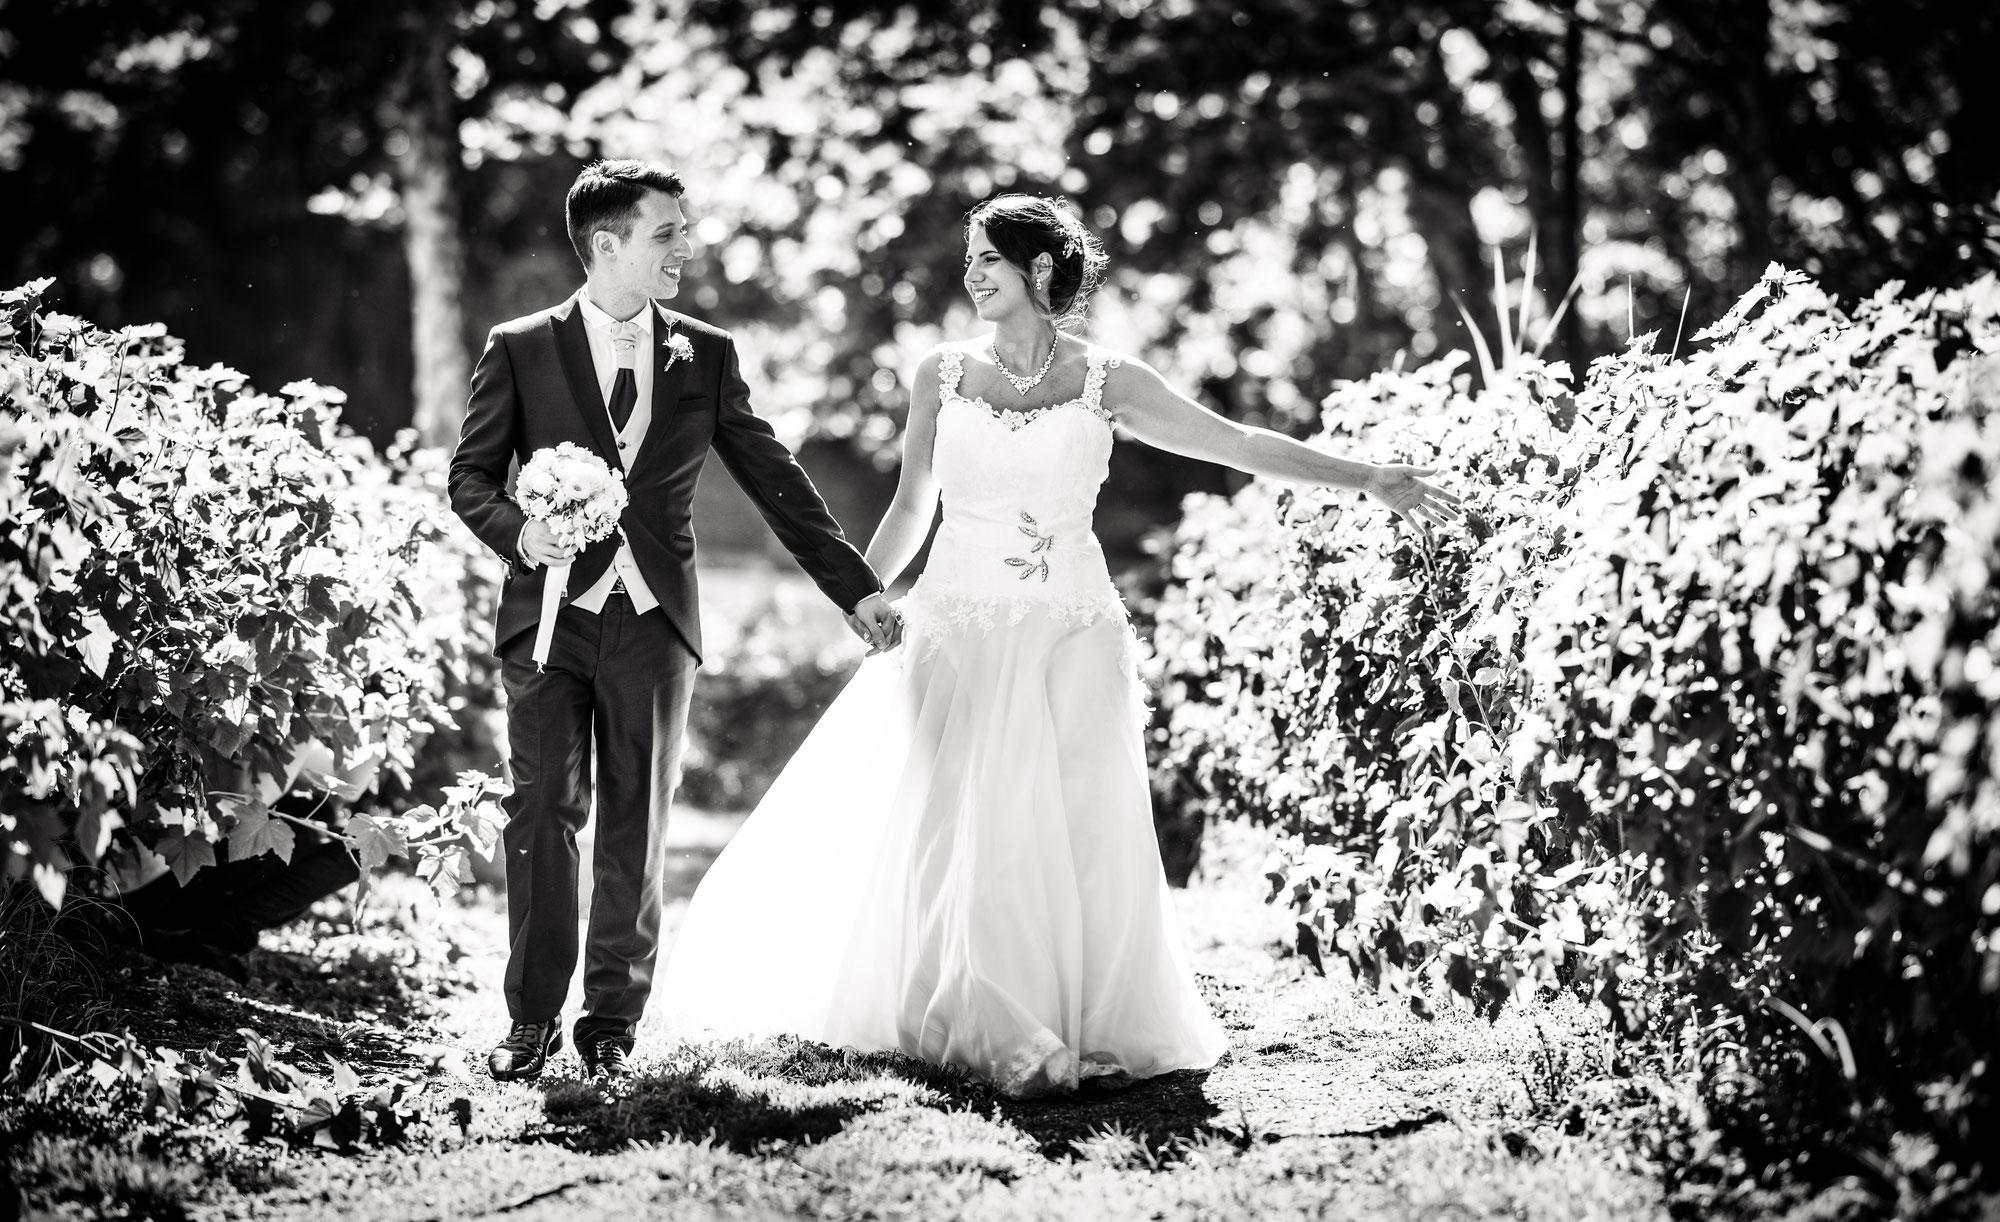 Fotografo Matrimonio Pavia - Matrimonio Tenuta Cortebella - Elisa e Danny